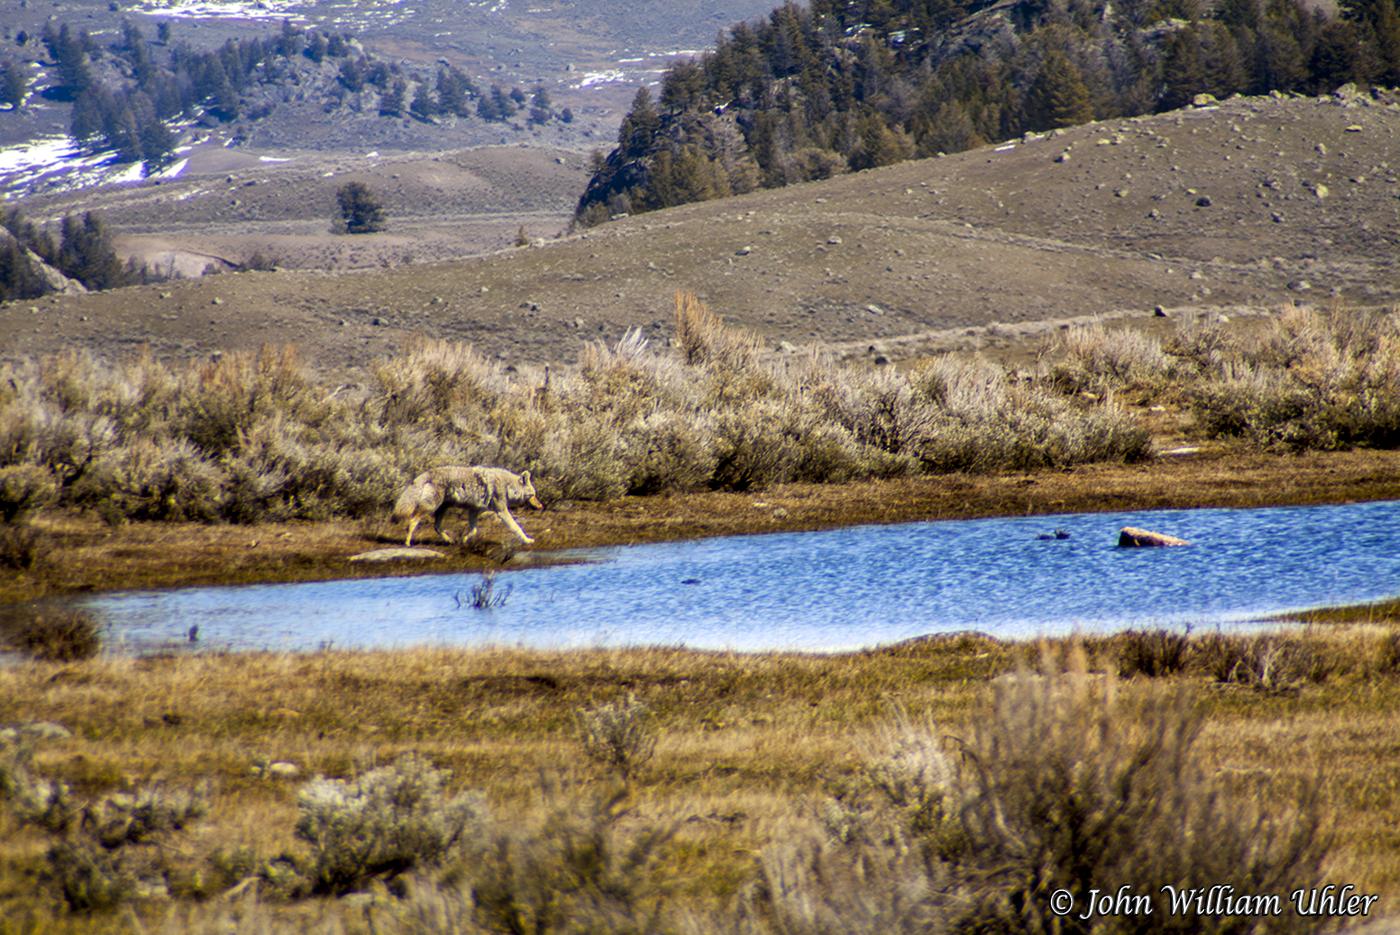 Coyote - Yellowstone National Park © John William Uhler